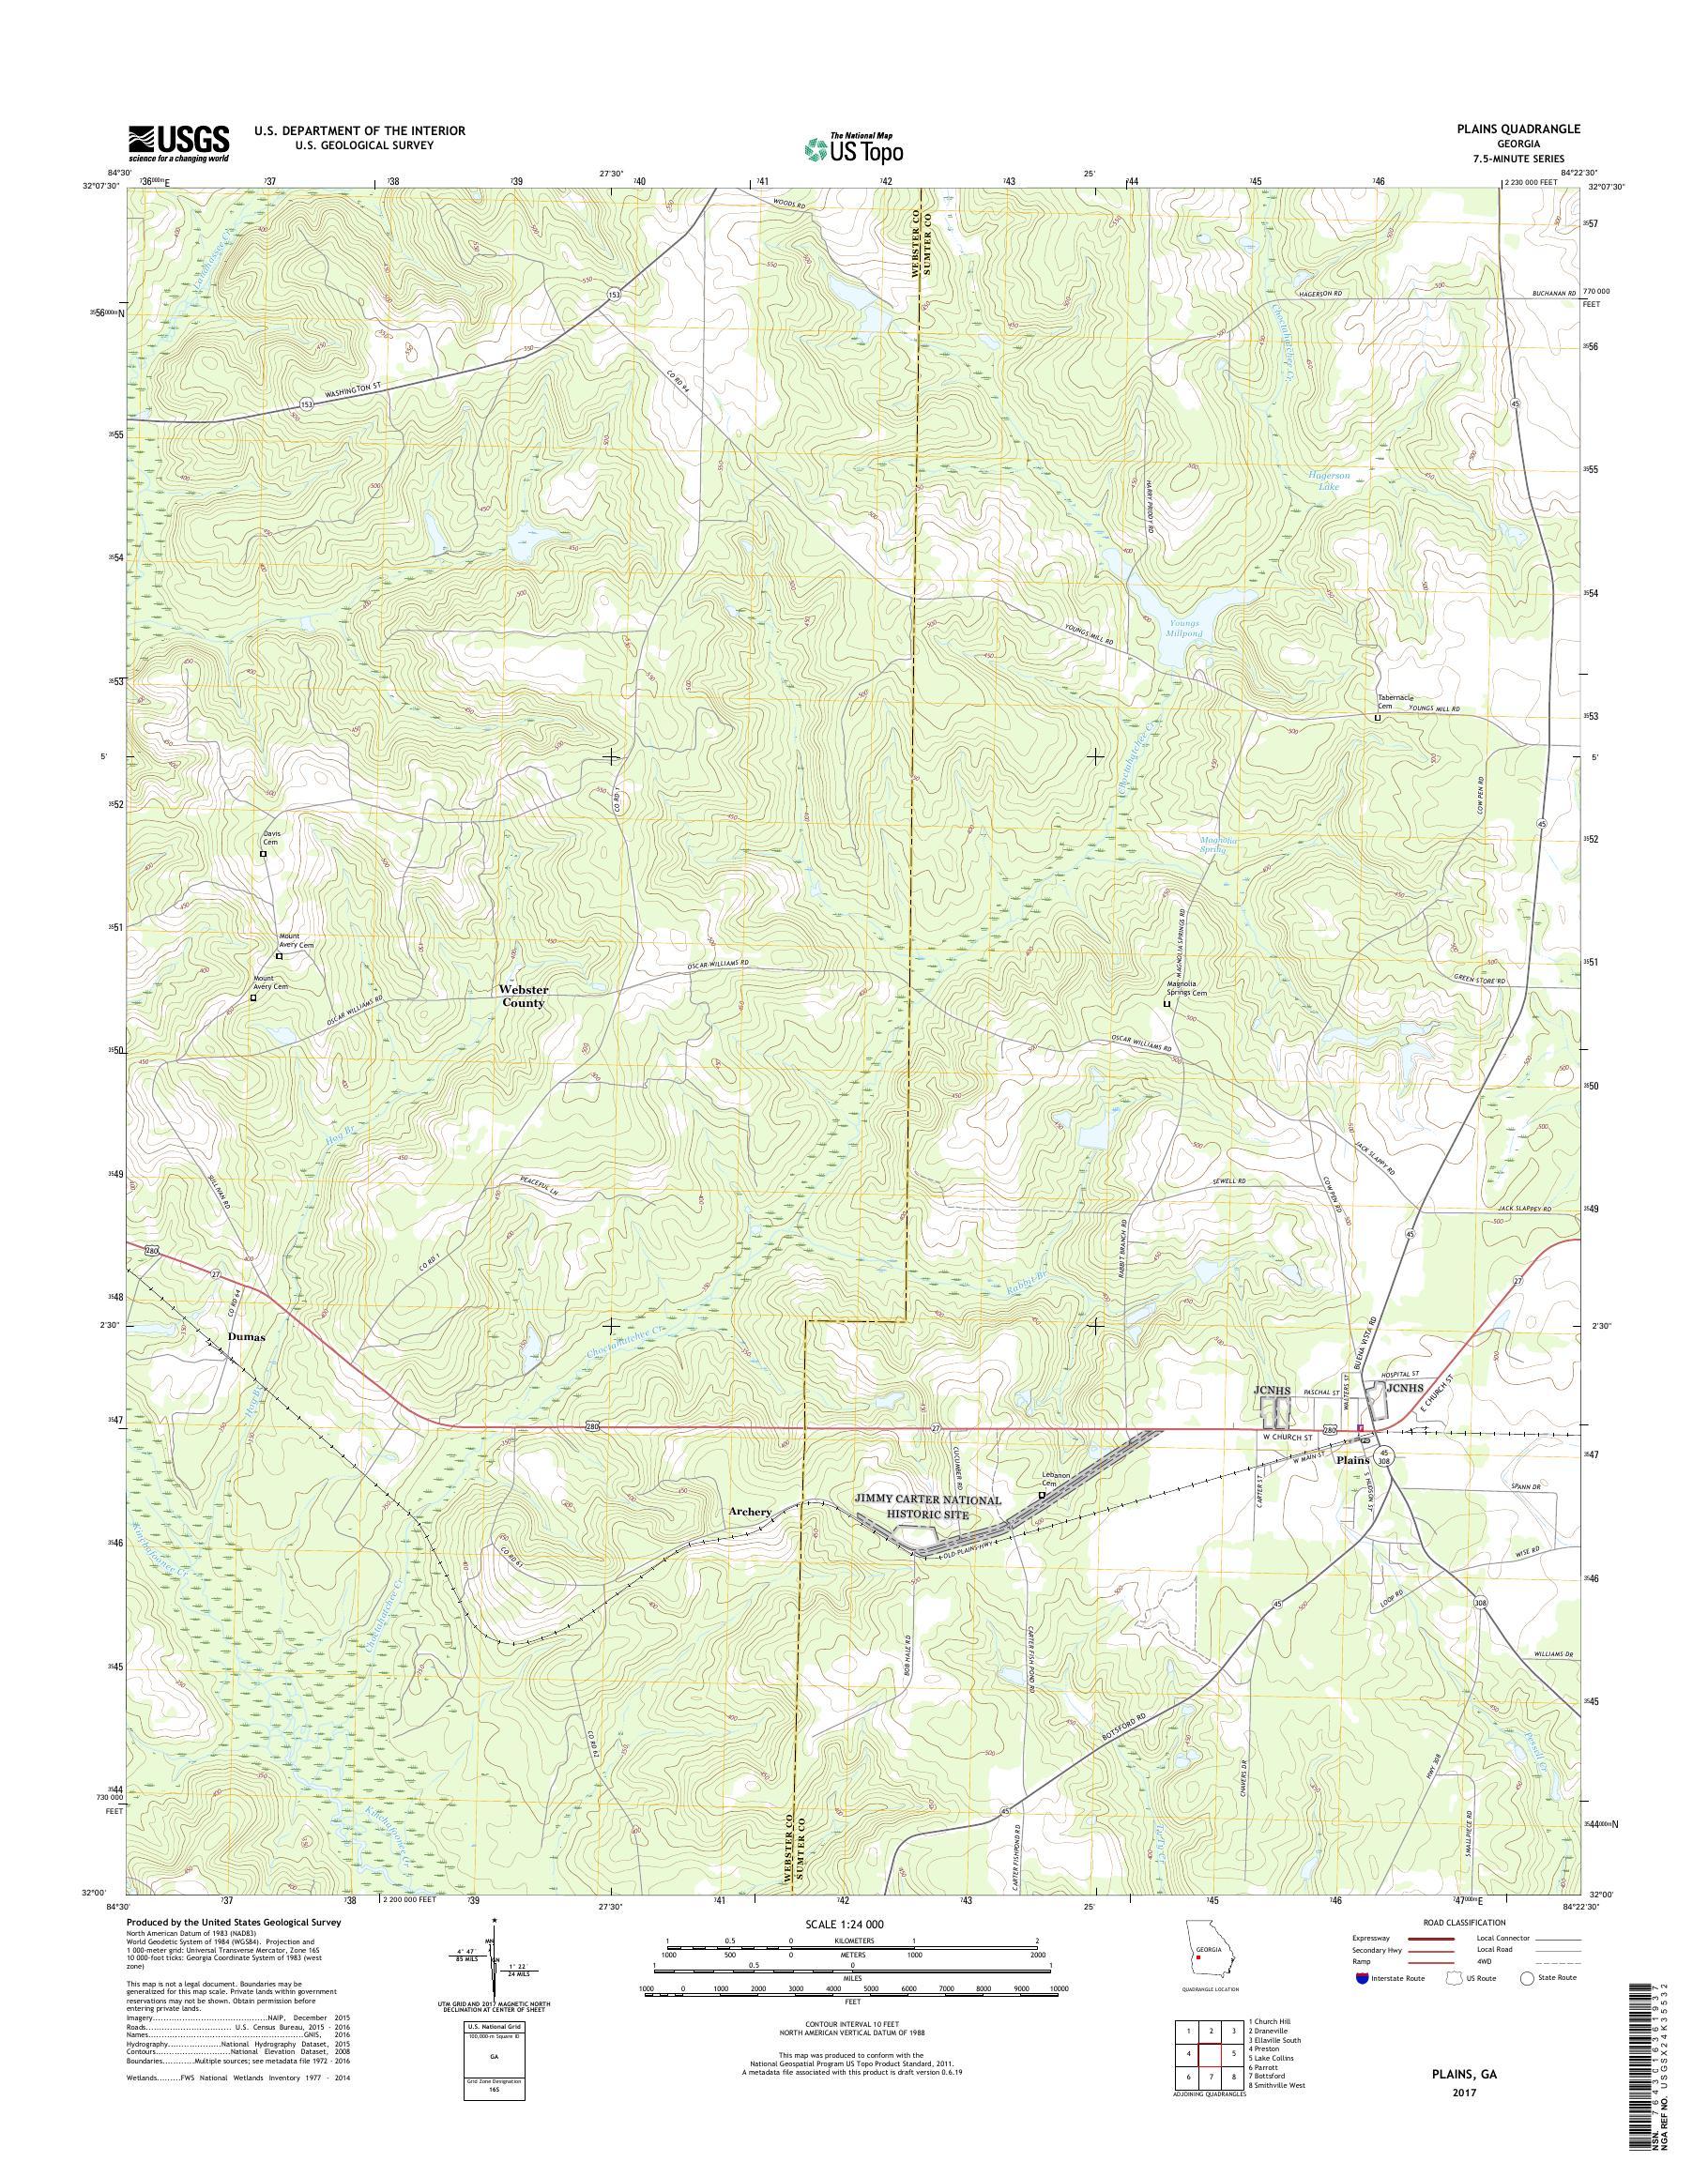 MyTopo Plains, Georgia USGS Quad Topo Map on plains mt map, plains pa map, plains ks map, plains georgia, plains washington map, high plains topographic map, plains illinois map, plains ga sumter county murders, plains tx map, plains state map, plains ga restaurants,